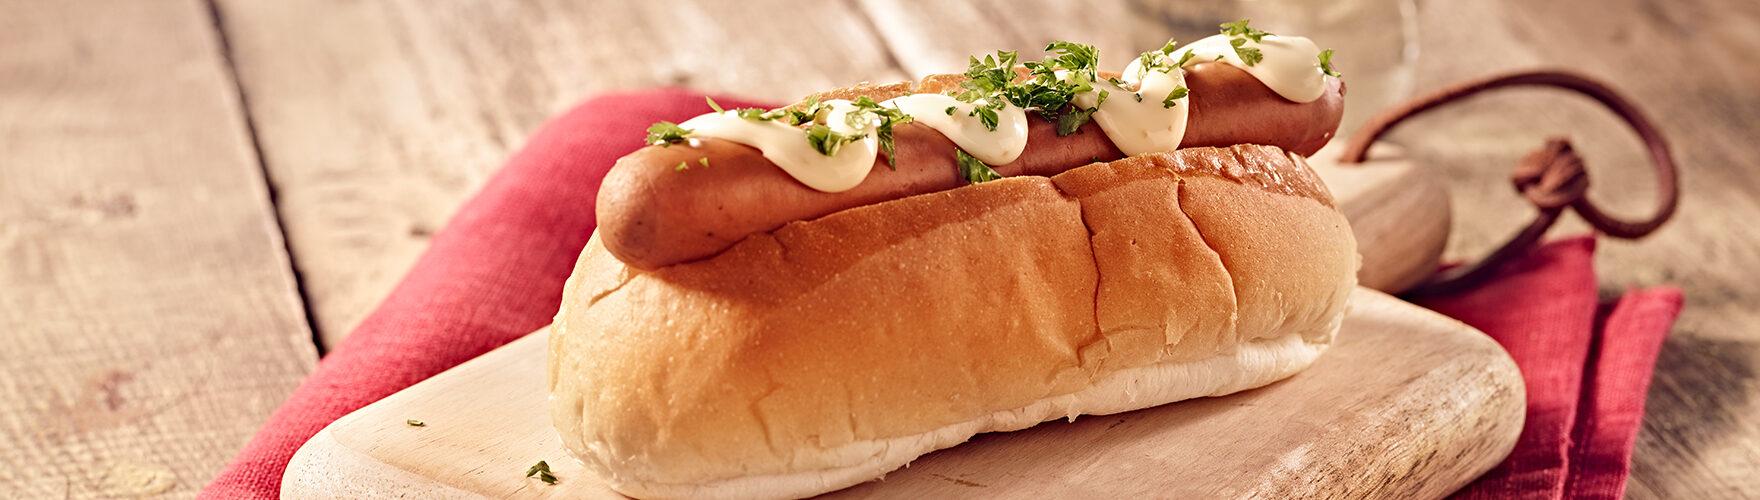 Cachorro-quente com queijo fumado